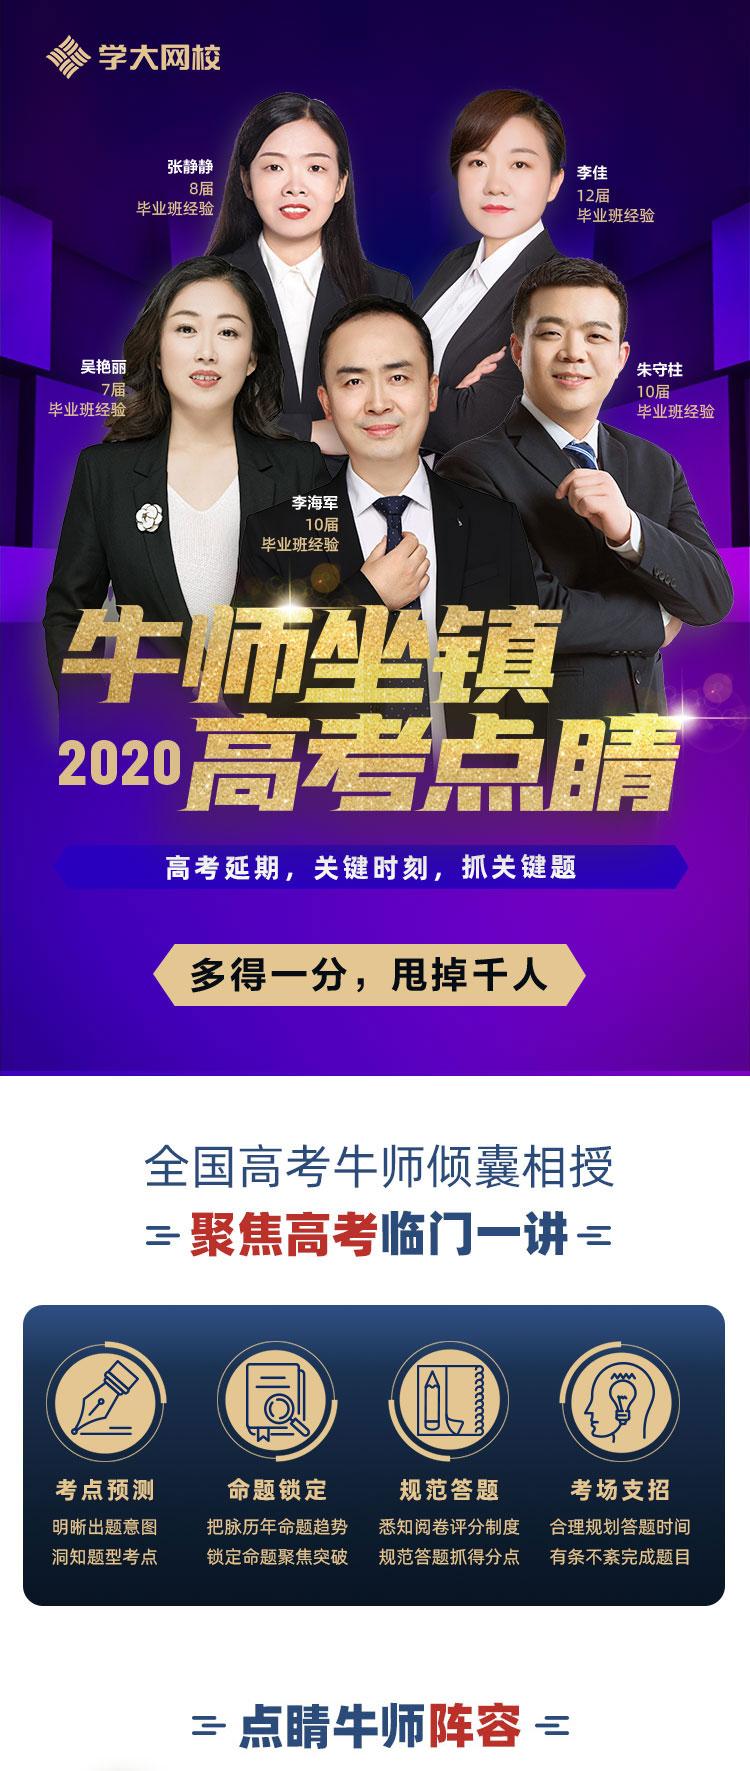 https://xdo-storage.oss-cn-beijing.aliyuncs.com/2020/05/02/w93316UrtHxtF5gLAx1U7NWdIJ4JmVQfgYtxW4KM.jpeg